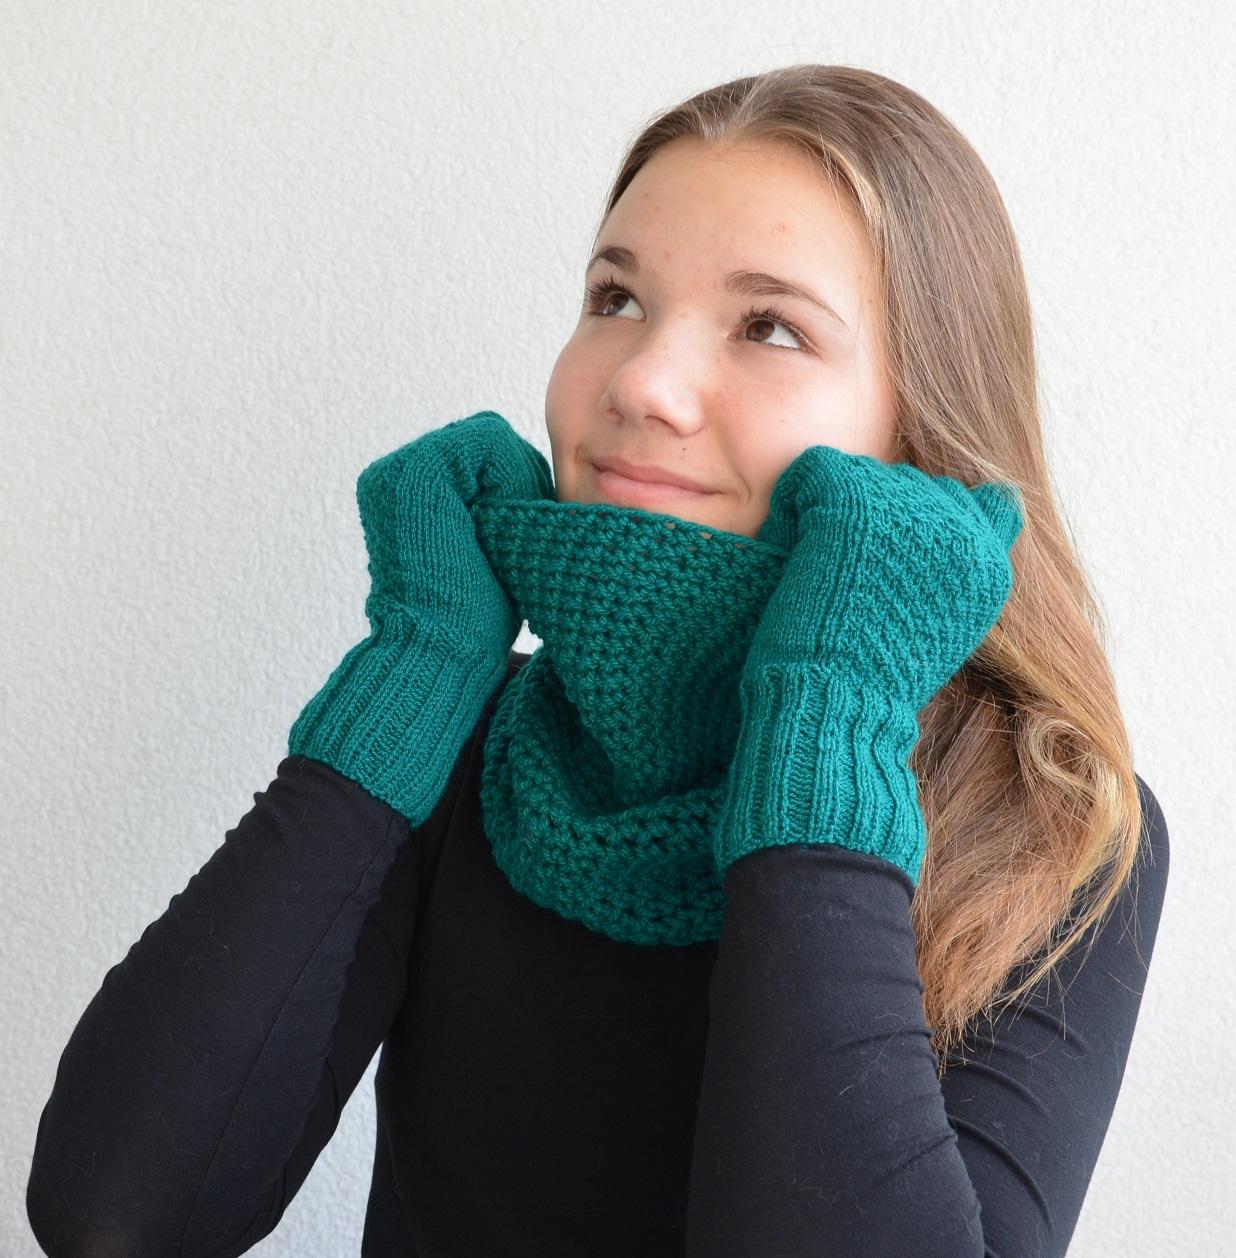 2c3e9aef350 Smaragdový set - nákrčník a rukavičky   Zboží prodejce BAREVNÉ ...